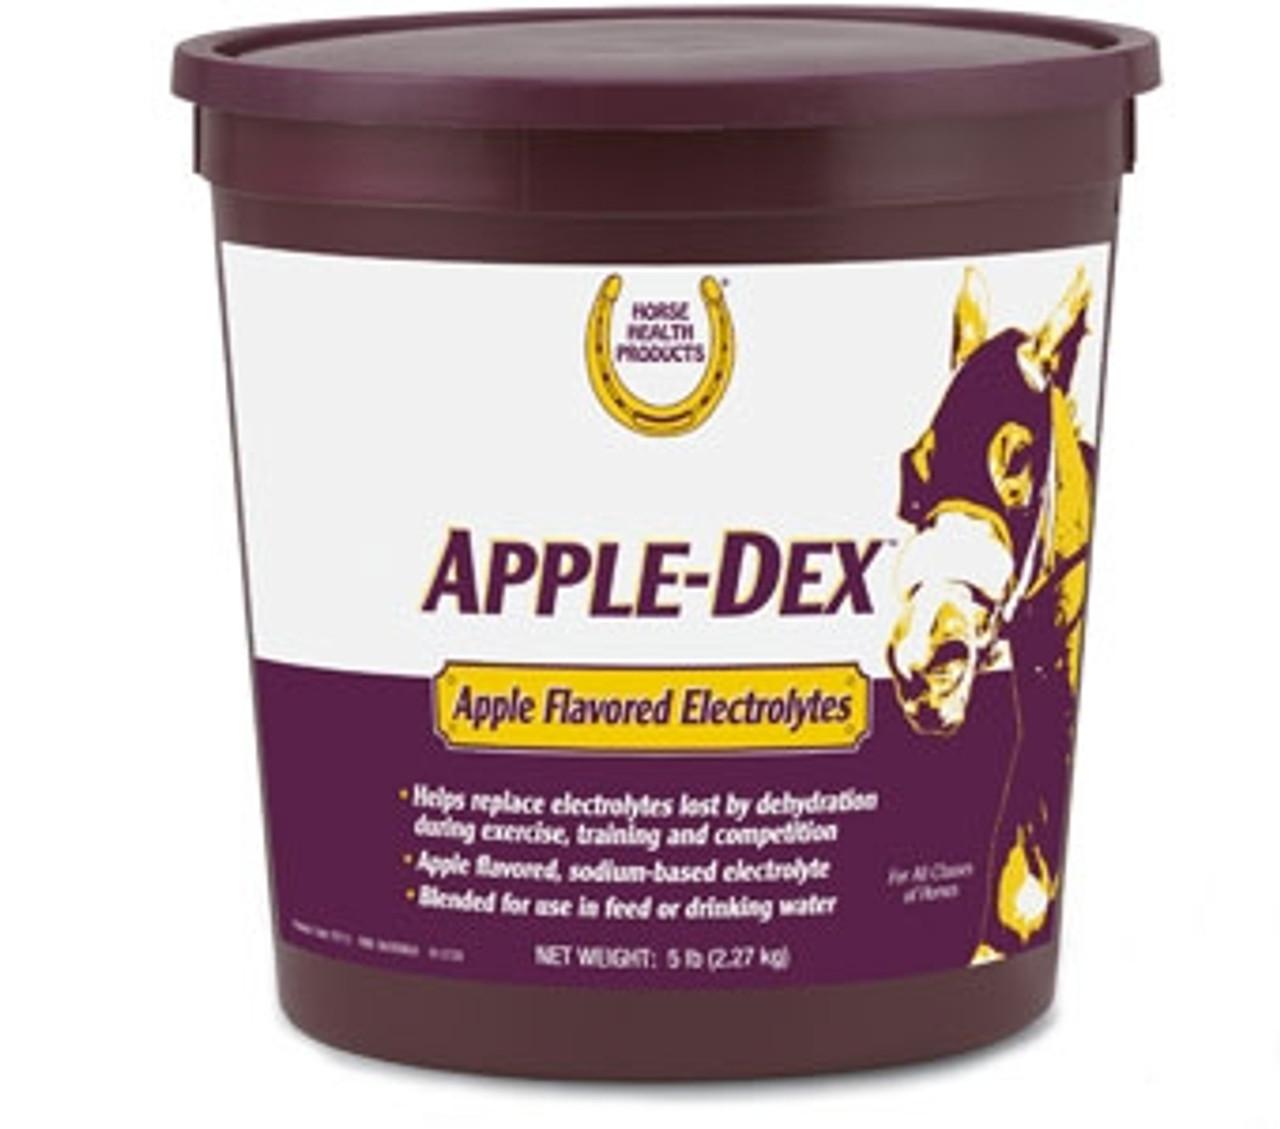 Apple-Dex Electrolytes